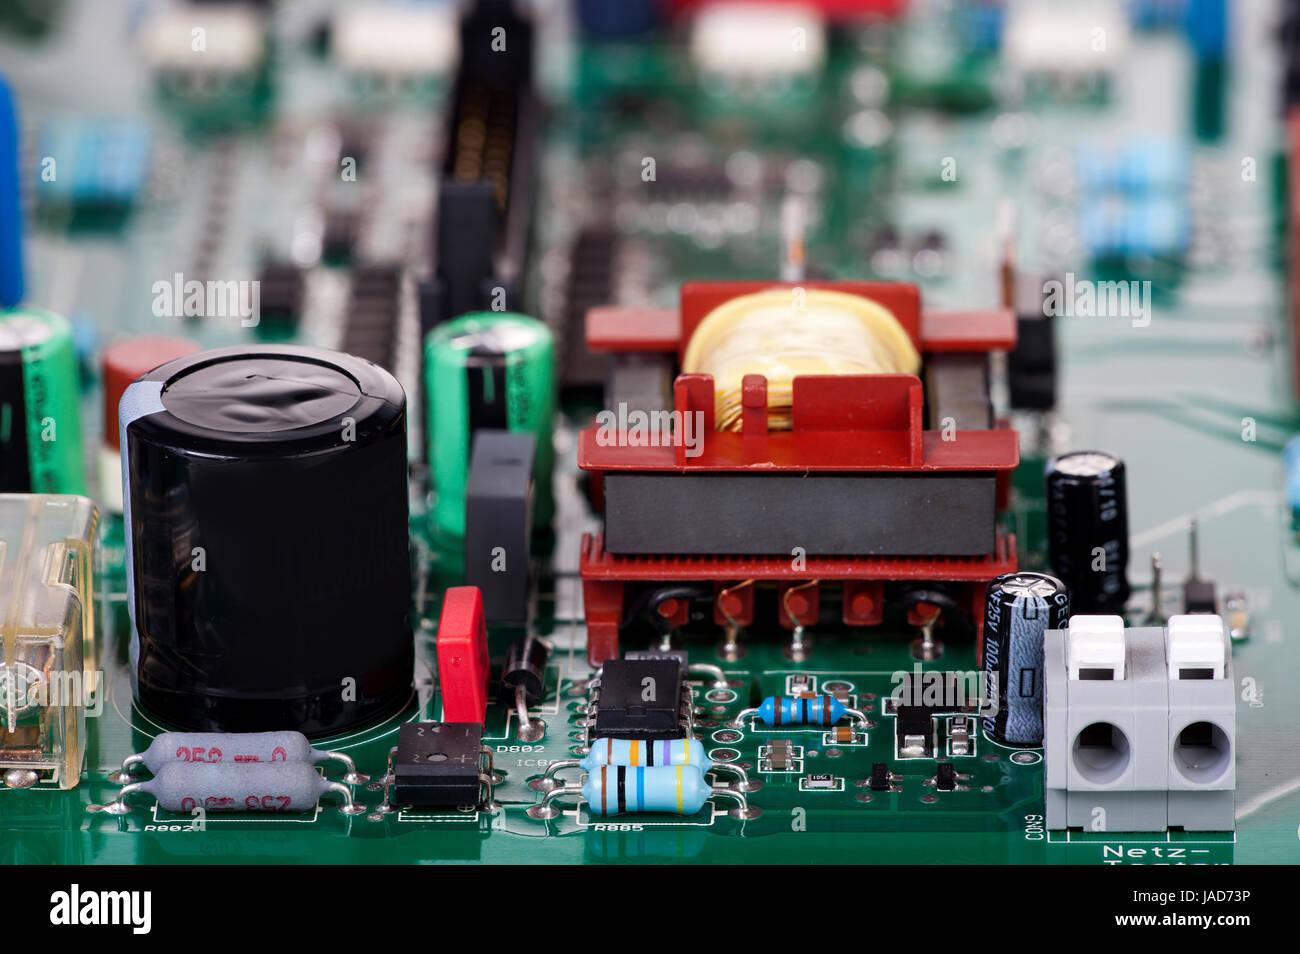 Zahlreiche elektronische Bauteile auf einer Platine - Stock Image